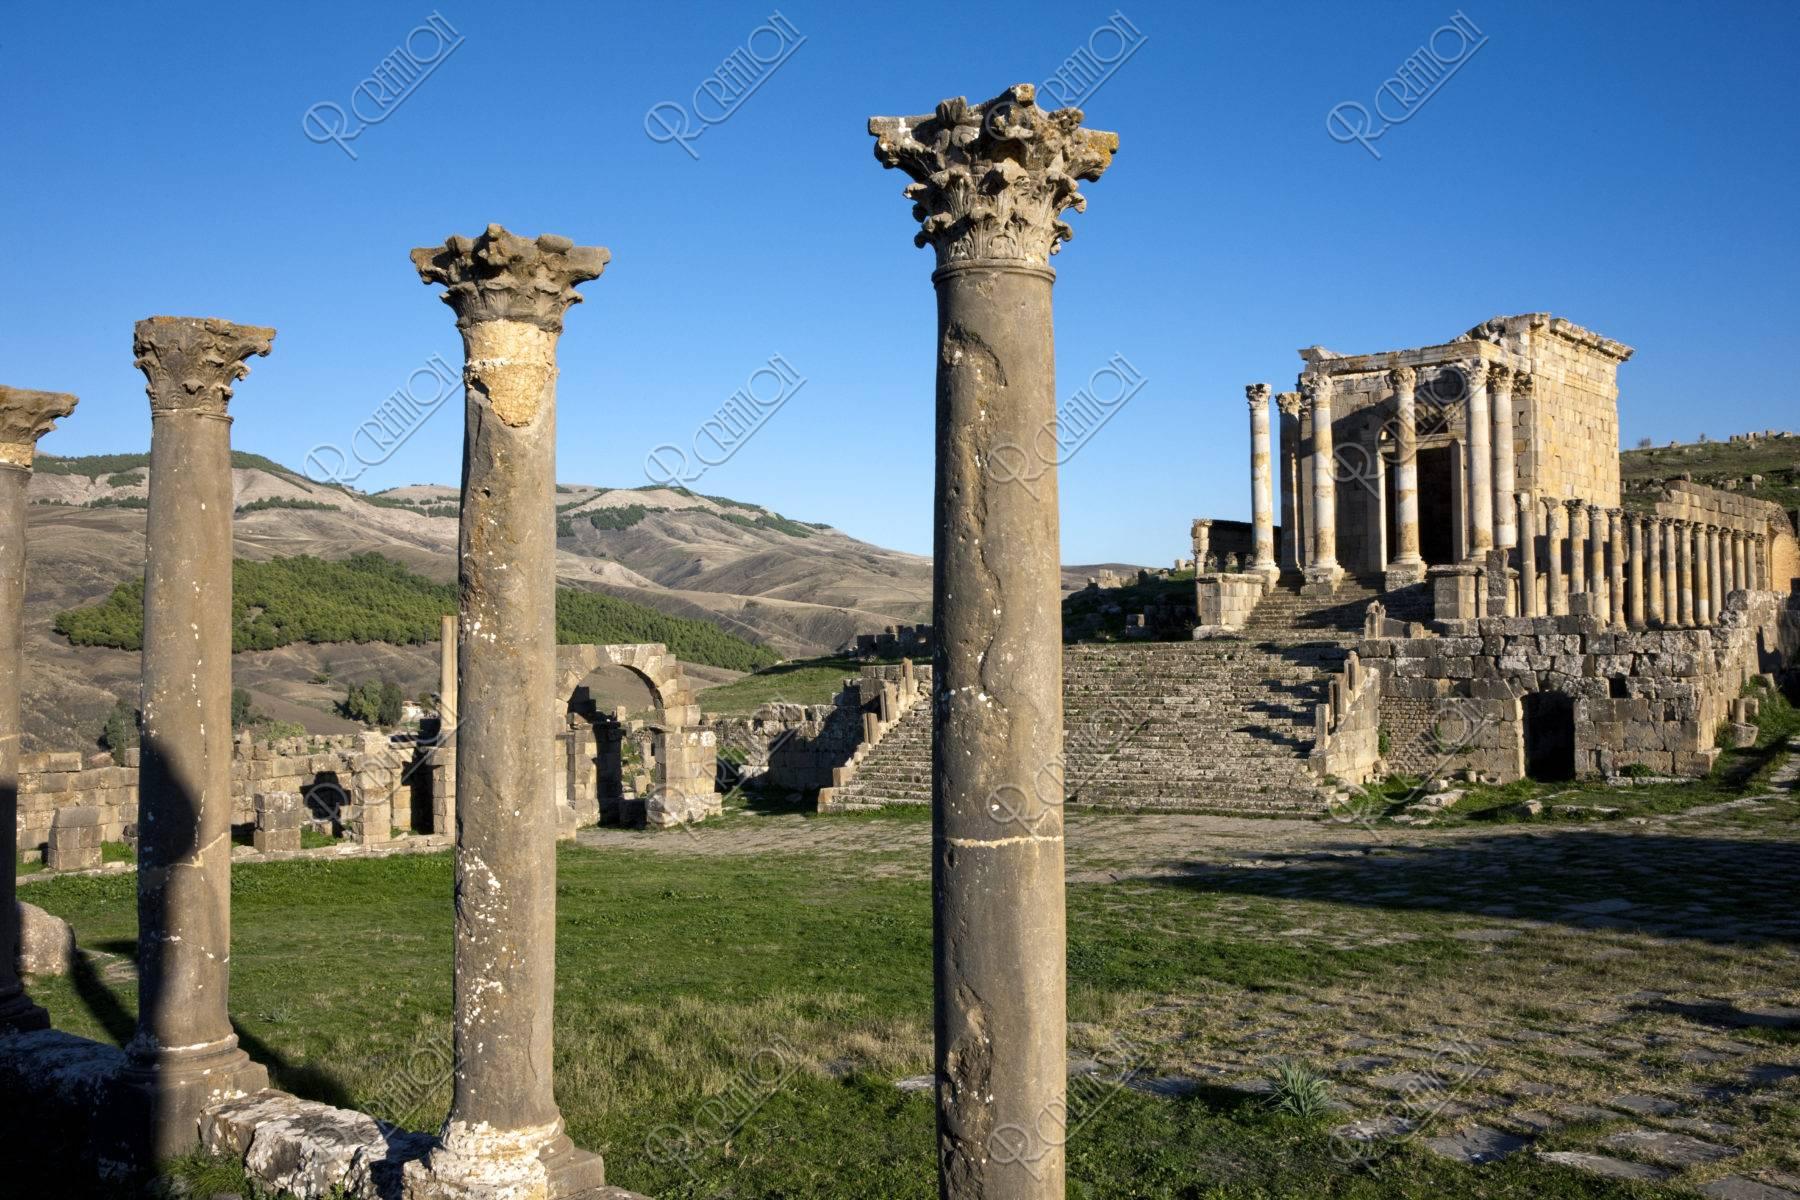 ジェミラ遺跡 セプティミウス帝の神殿 世界遺産